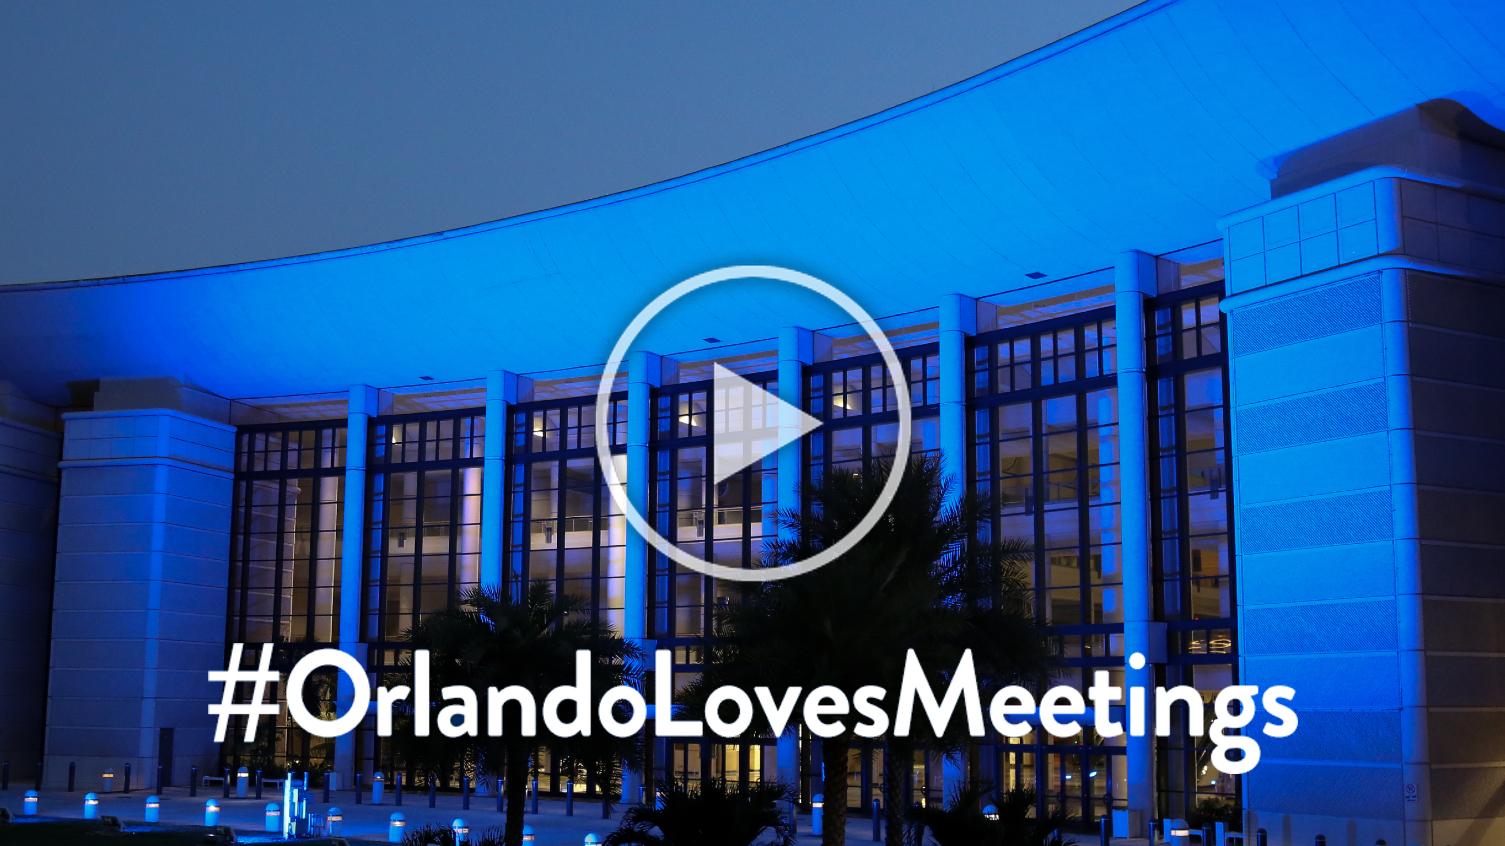 Global Meetings Industry Day Video